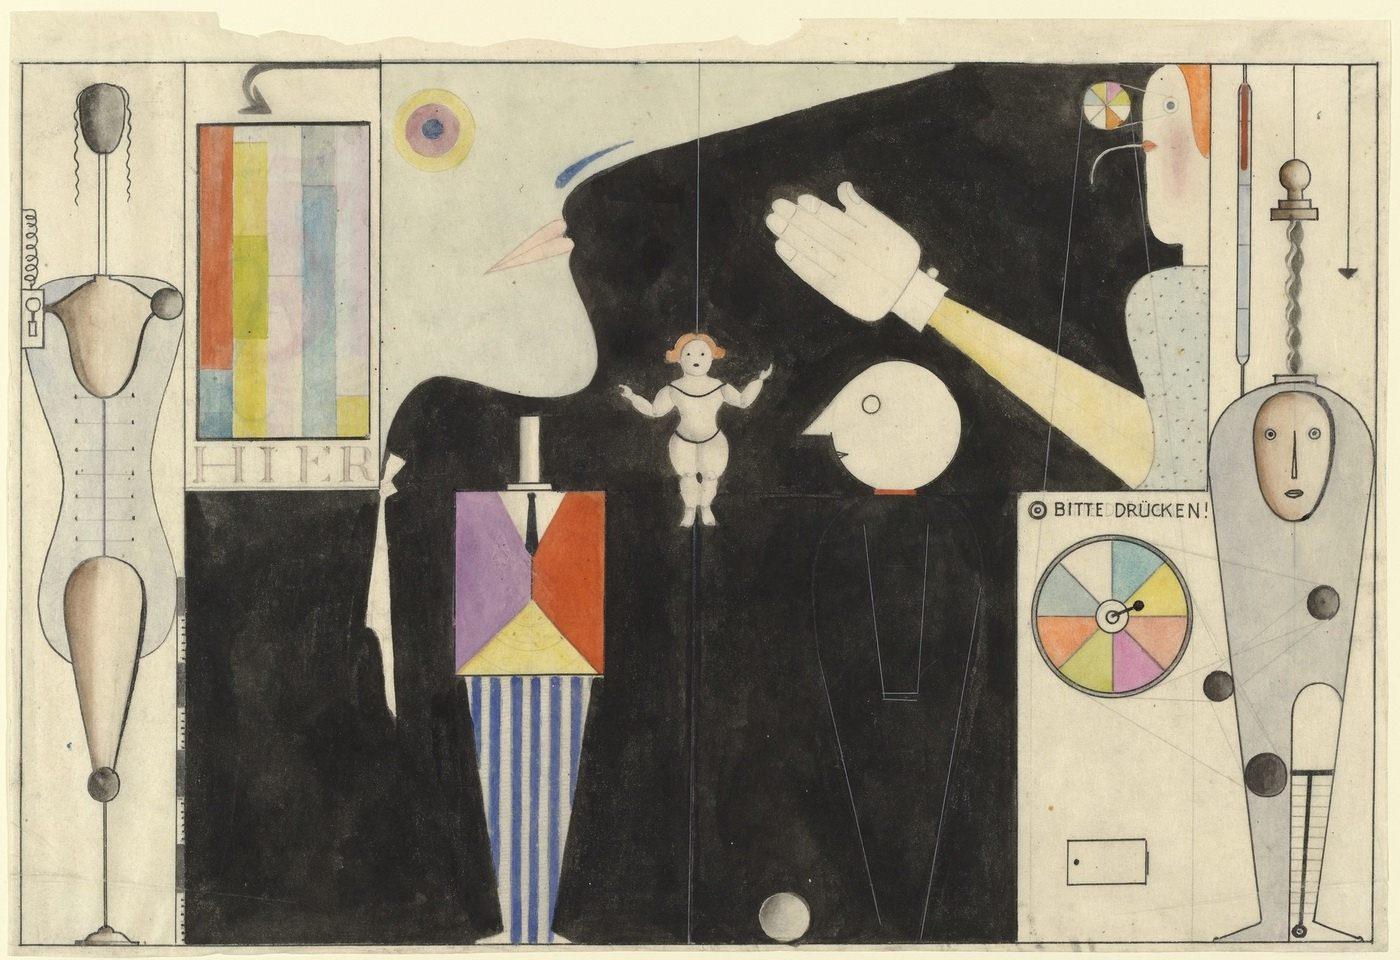 О. Шлеммер. Фигурный кабинет, 1922